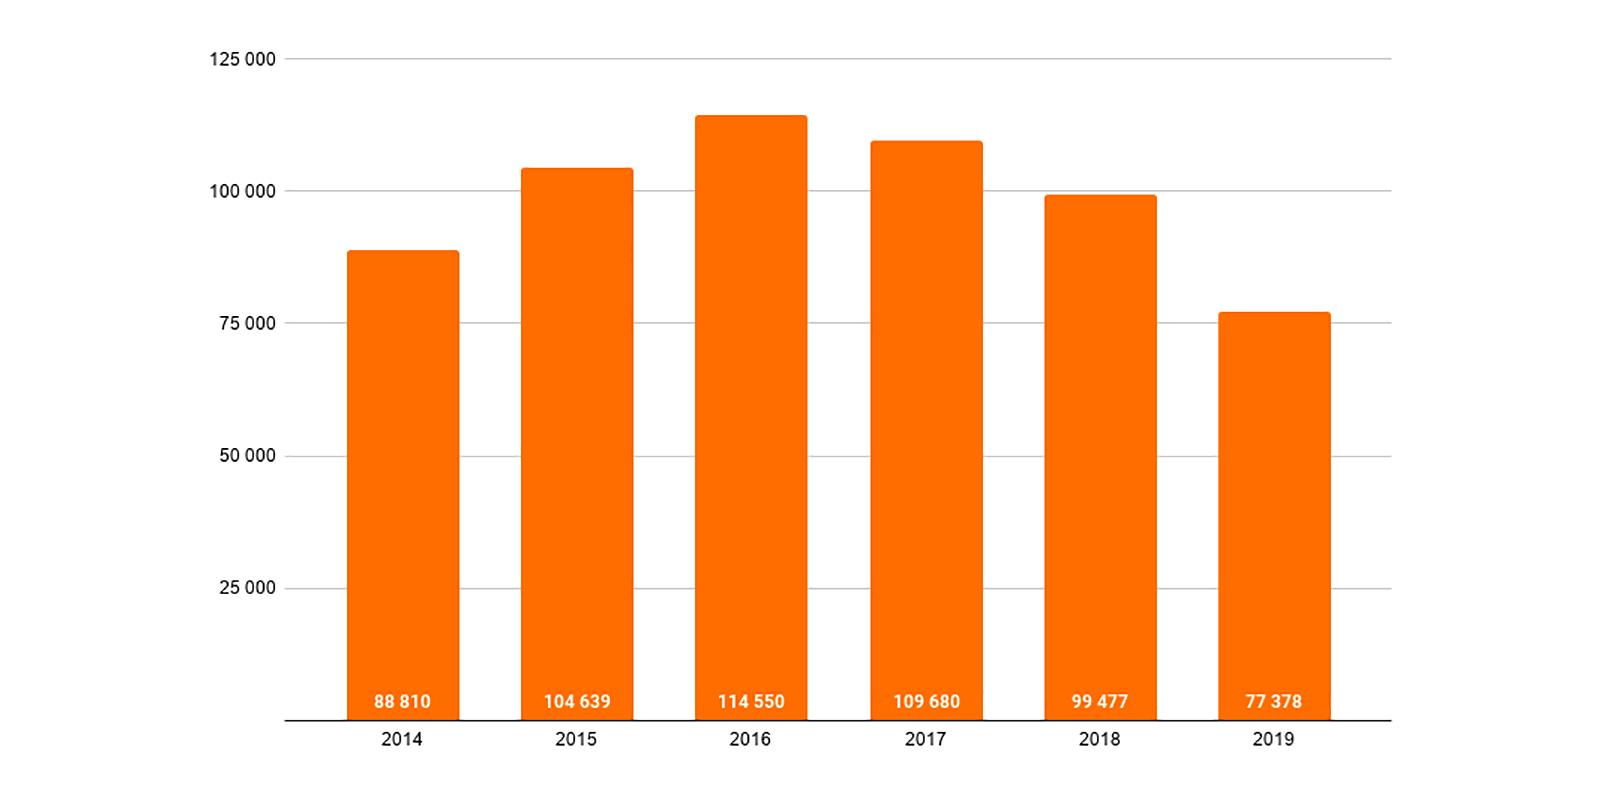 Graf vývoje počtu hypoték za 5 let